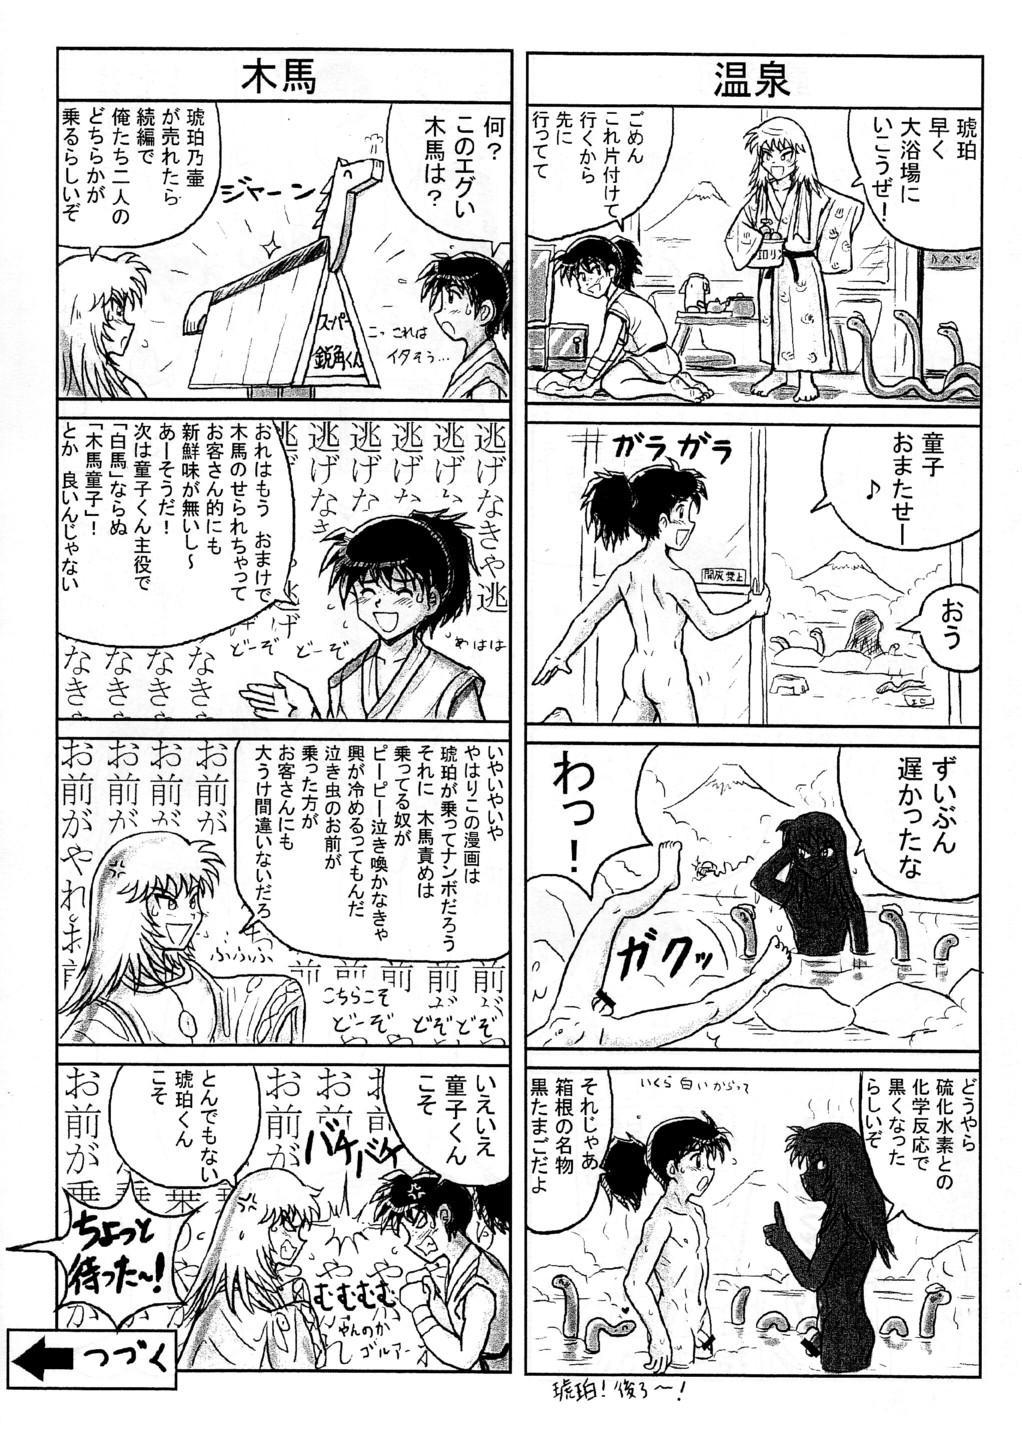 Takenokoya - Kohaku no Tsubo Manga Ban 7